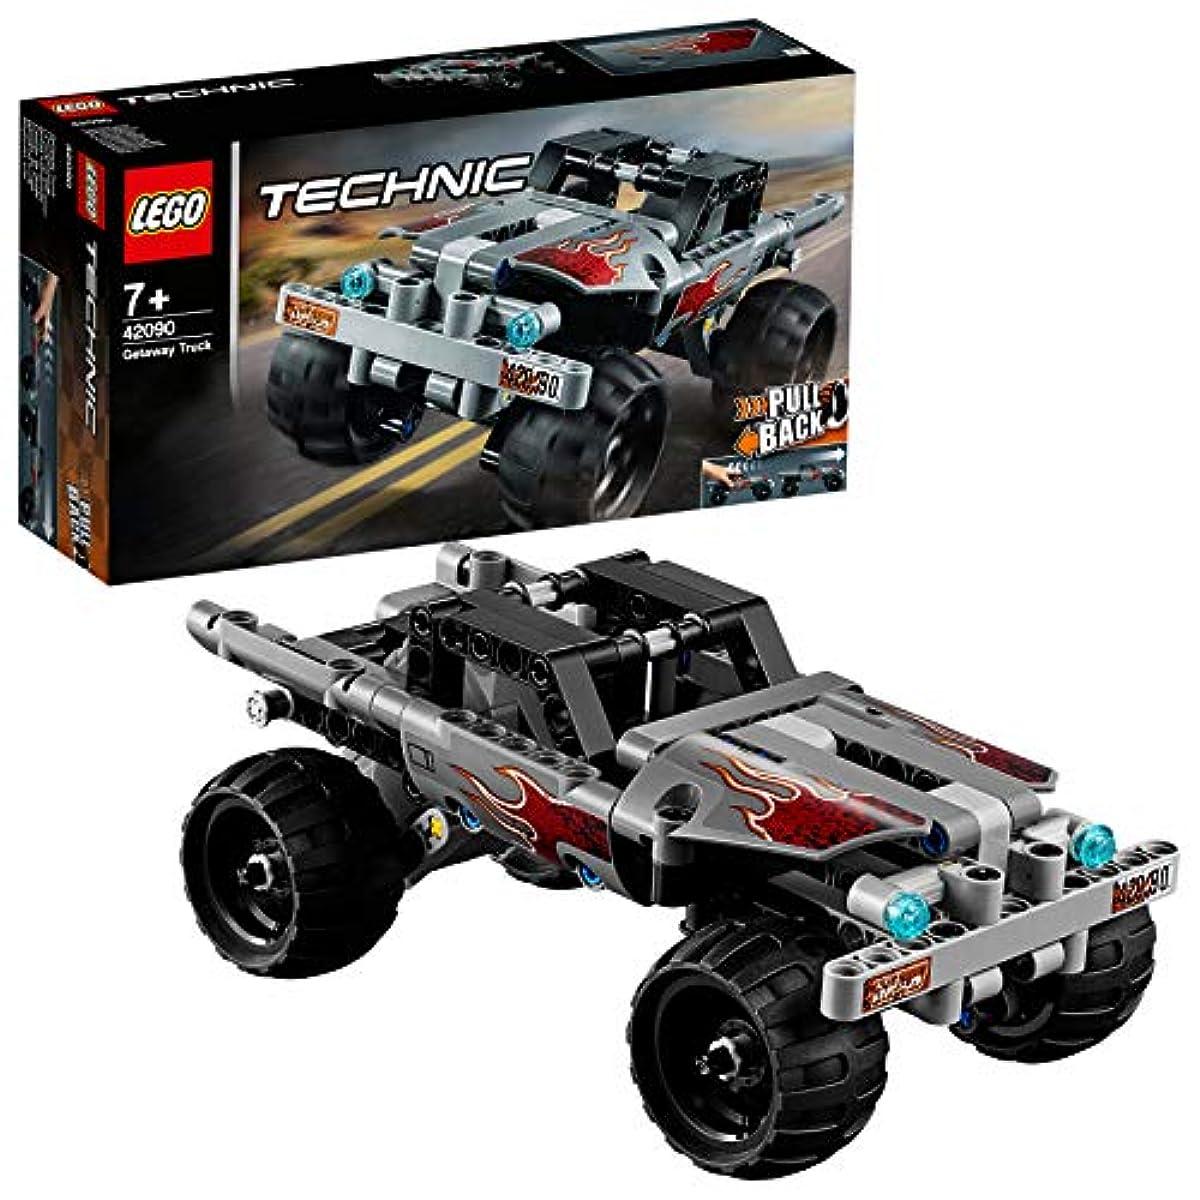 [해외] 레고(LEGO) 테크닉 도주 트럭 42090 교육 완구 블럭 장난감 사내 아이